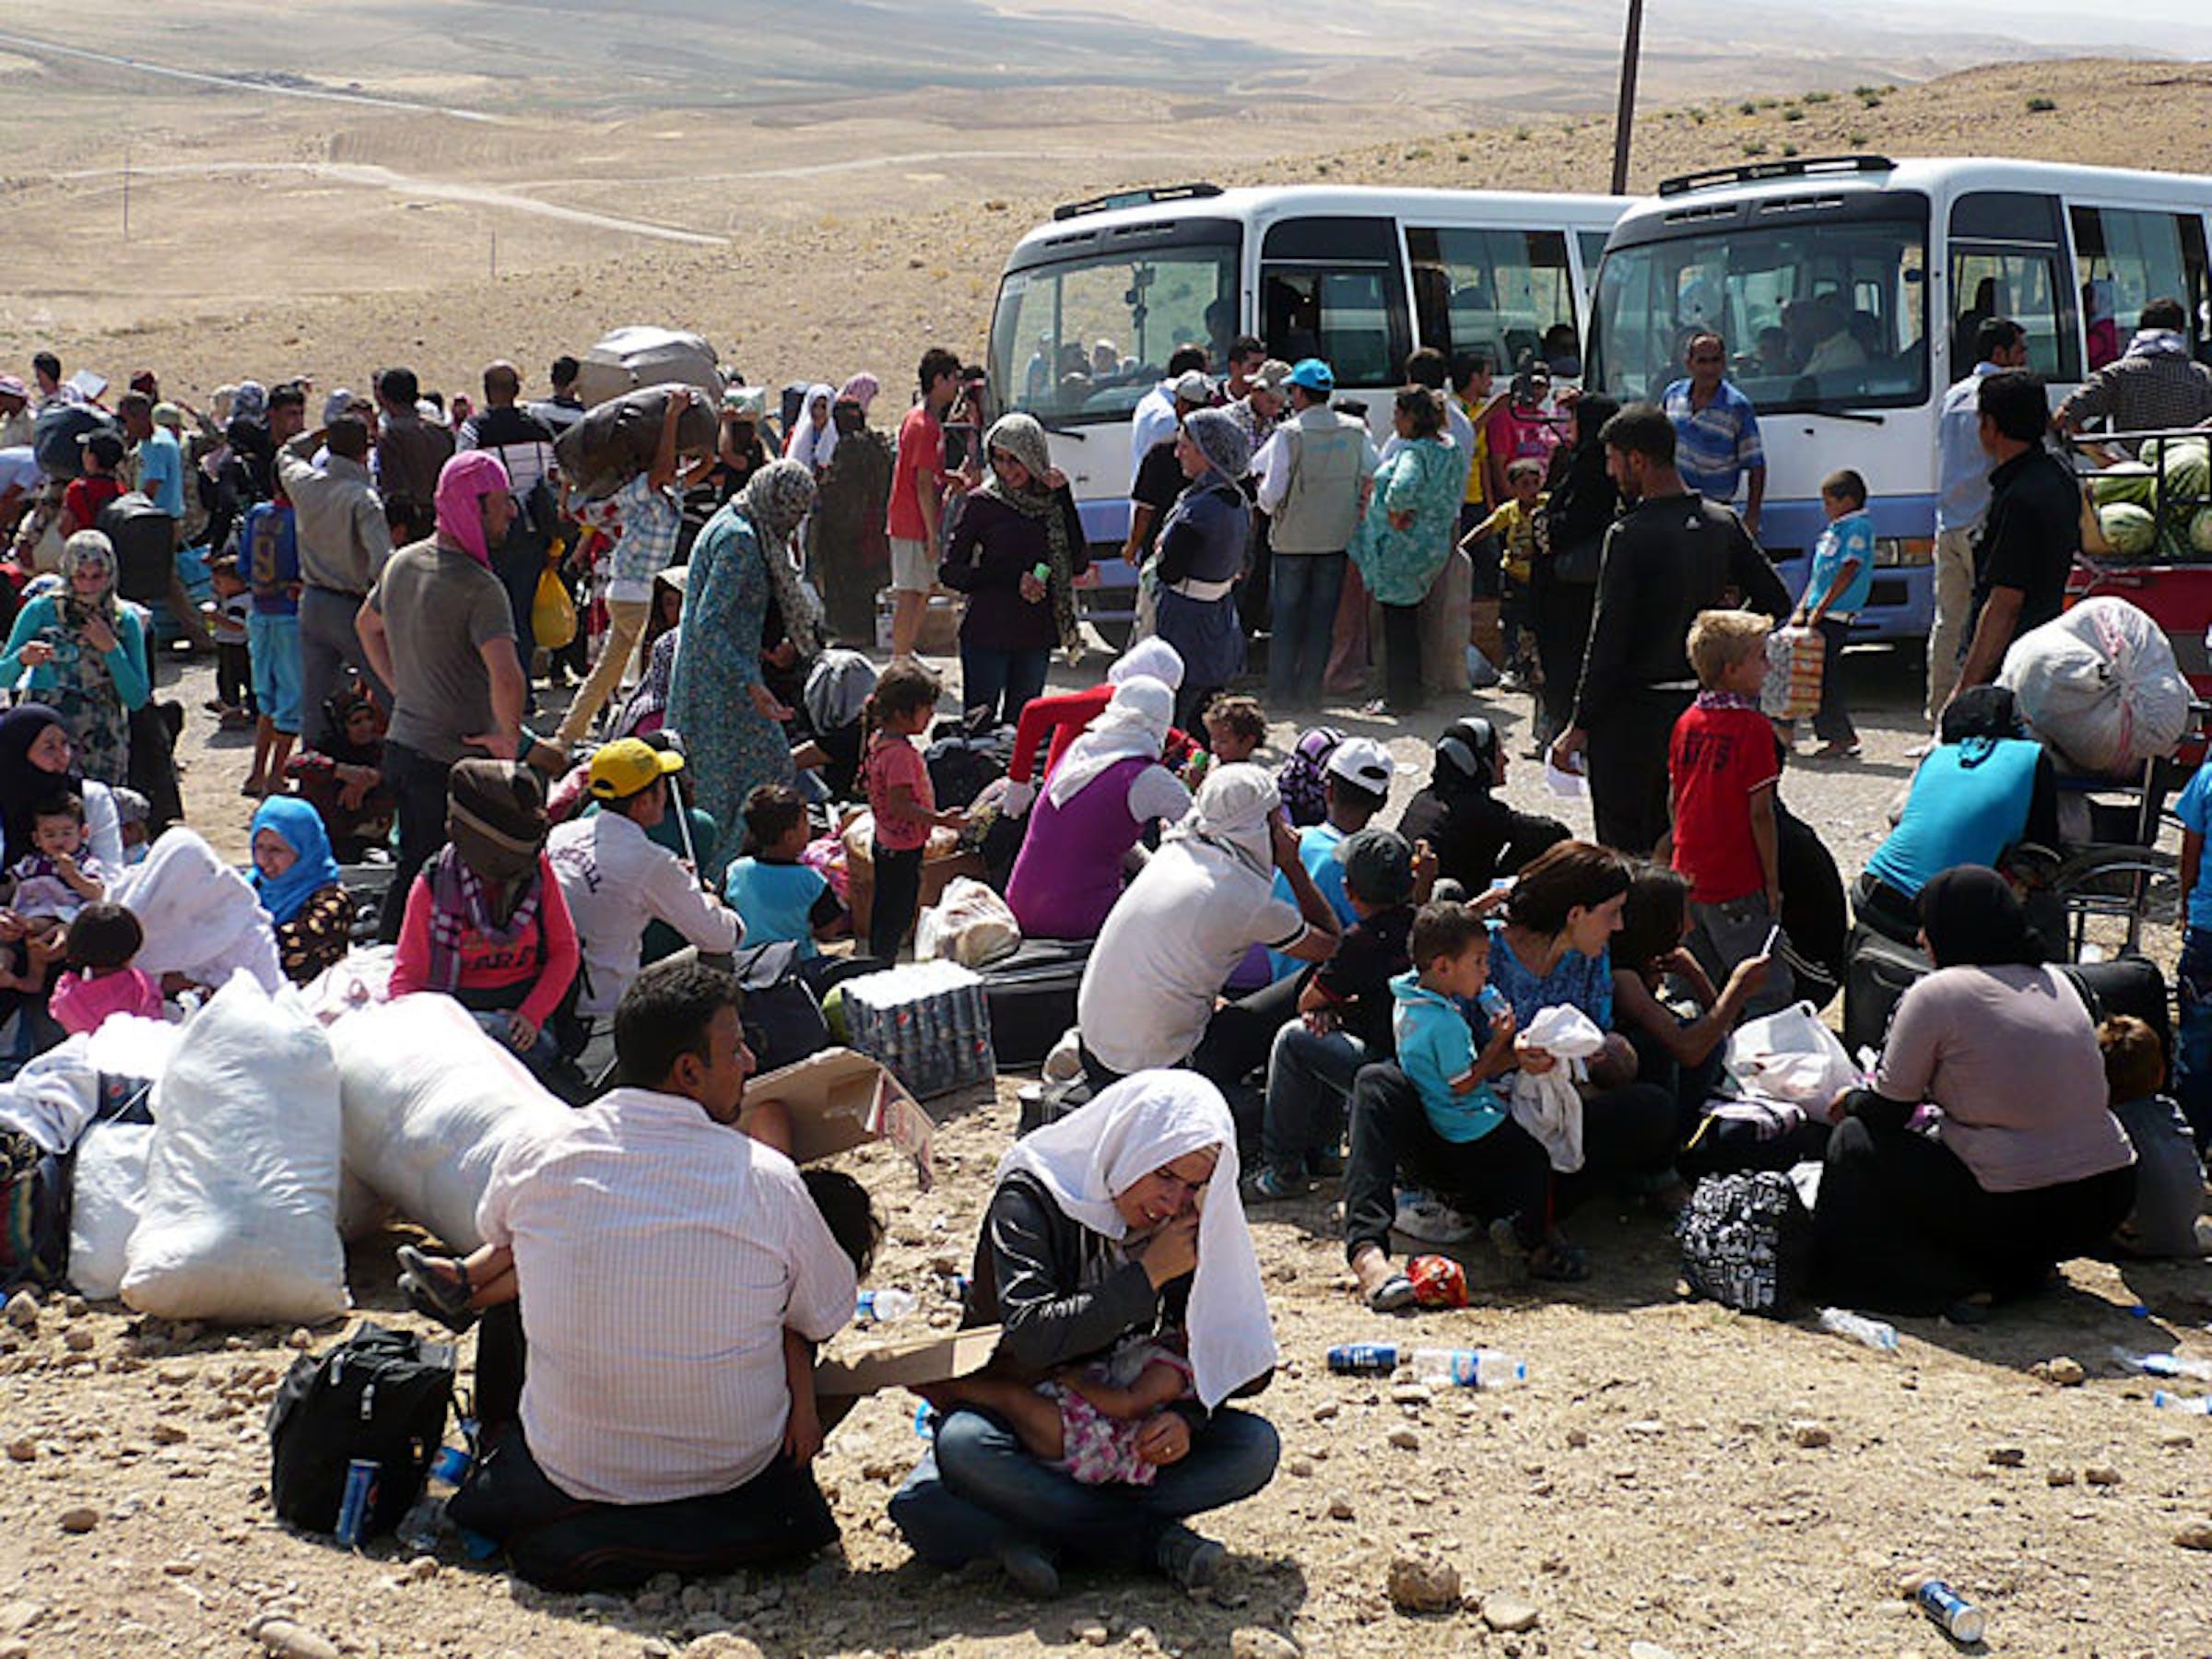 Un'immagine scattata in questi giorni al check point di Sahela, alla frontiera tra Iraq e Siria. In poco più di due settimane sono affluiti in Iraq 20.000 profughi siriani, per metà bambini - ©UNICEF Iraq/2013/Marshall Tuck